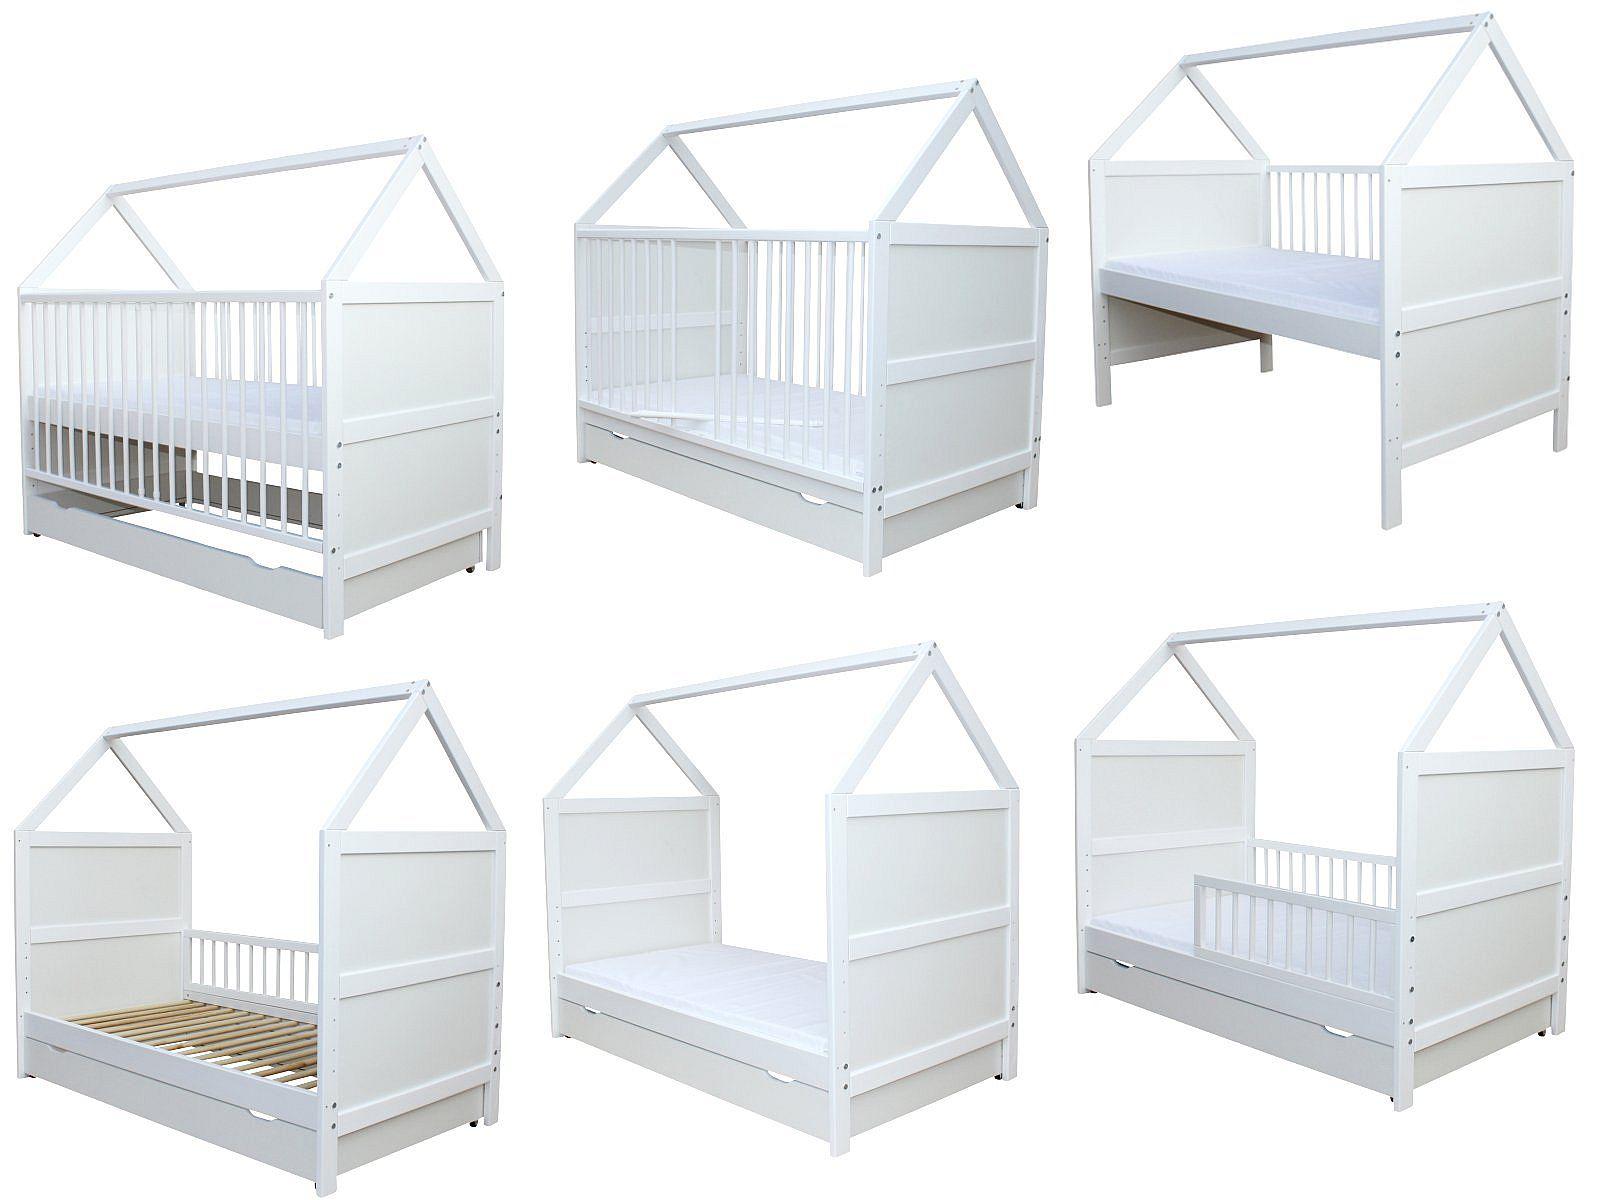 micoland babybett kinderbett juniorbett bett haus 140x70 cm mit matratze und schublade. Black Bedroom Furniture Sets. Home Design Ideas